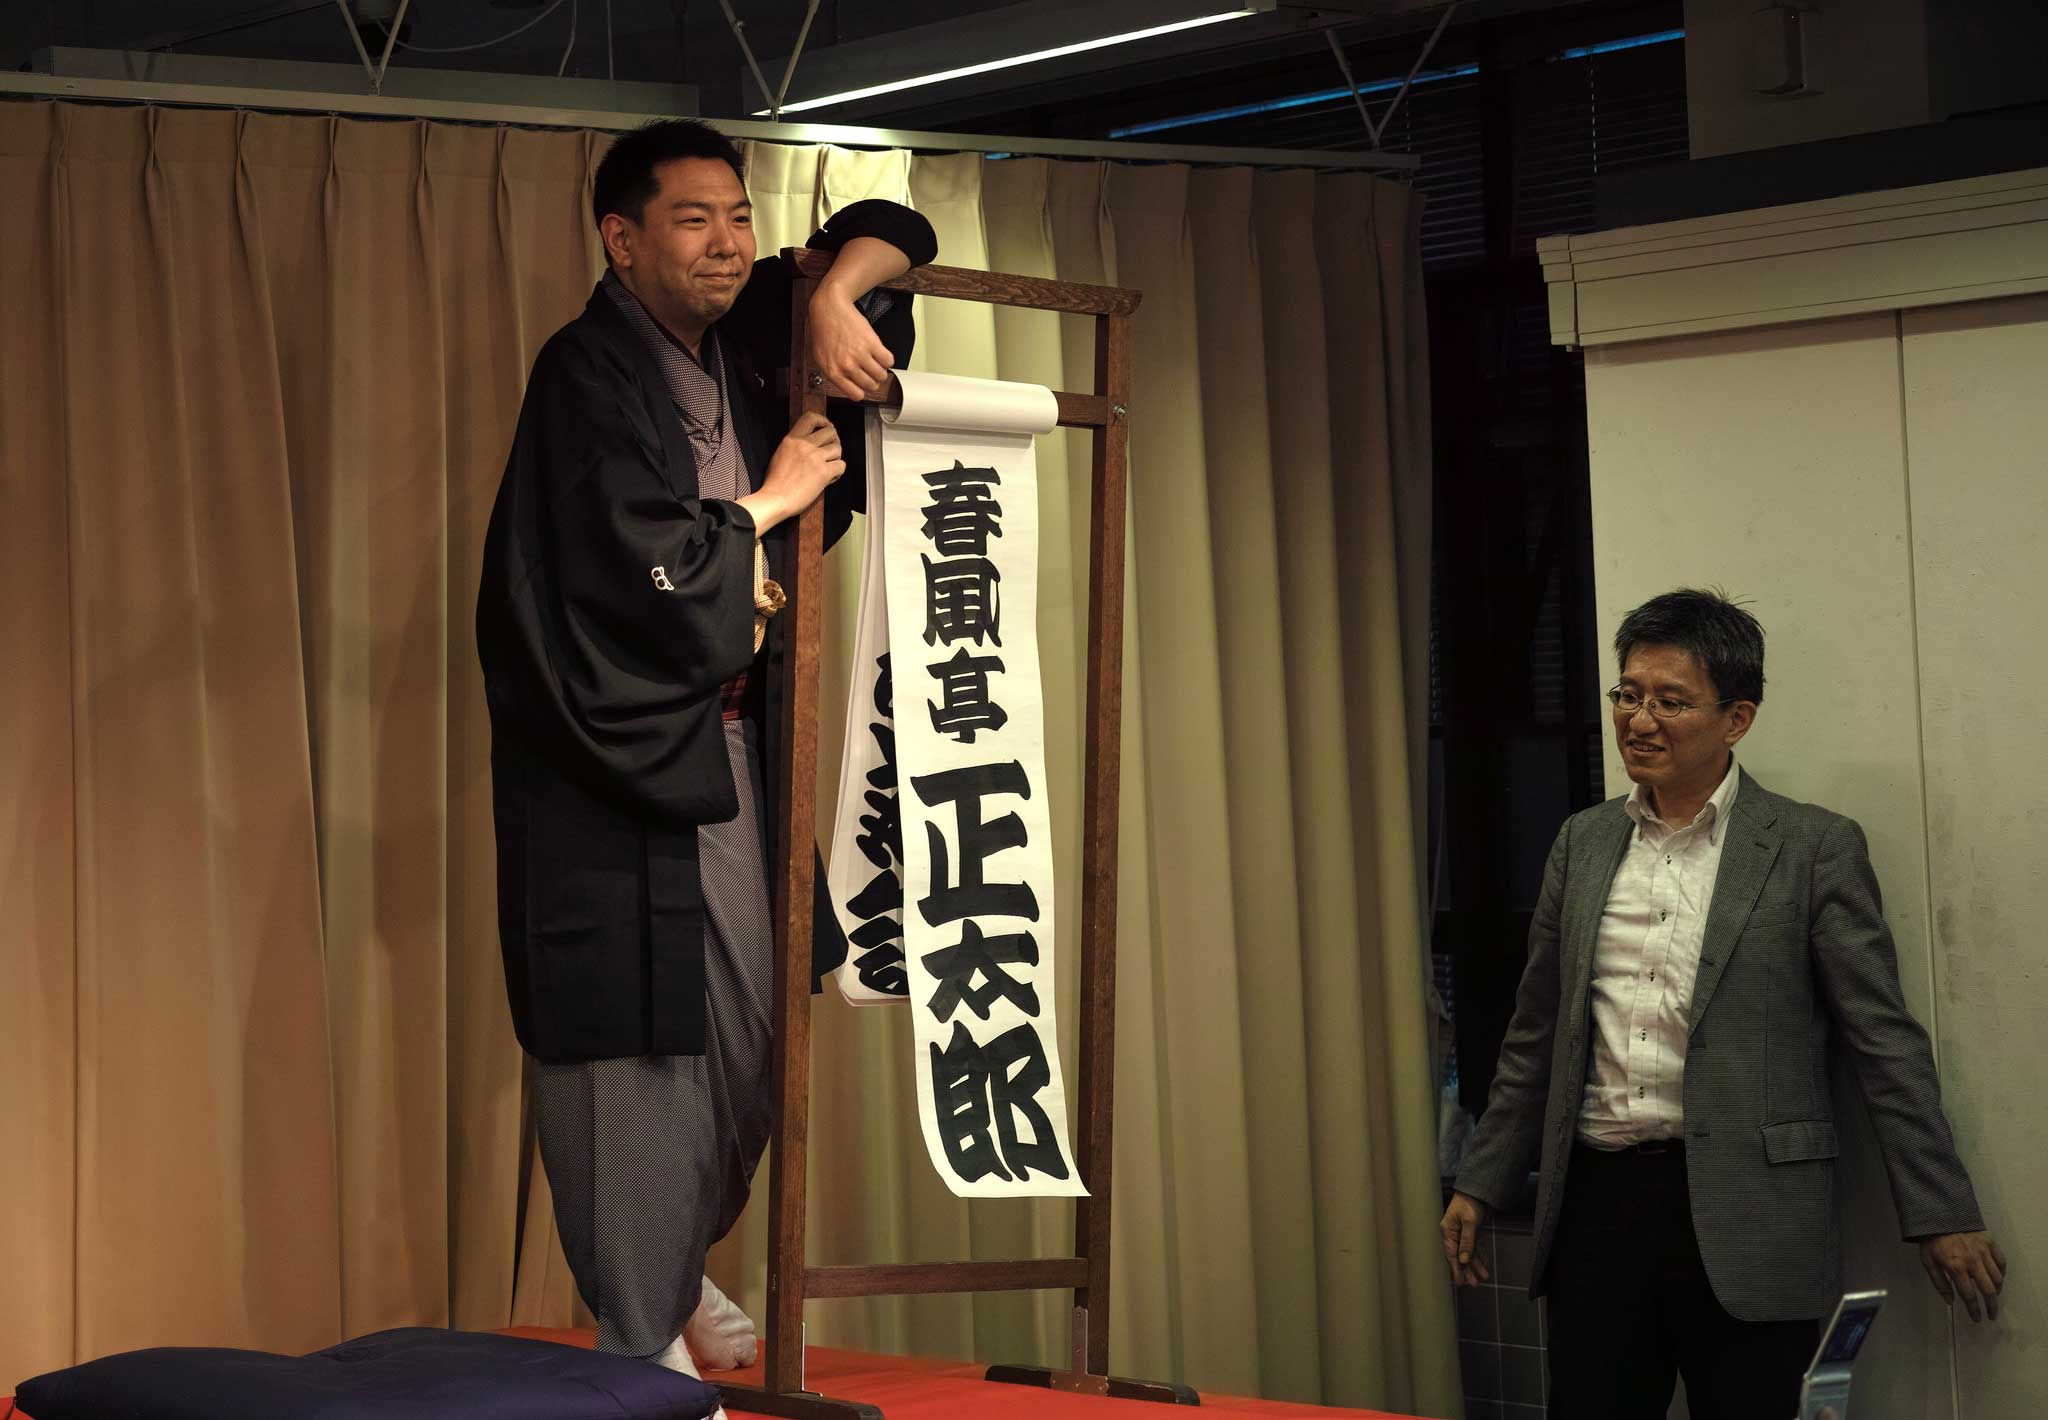 セカンドステージへ:第11回 シェアする落語 春風亭正太郎